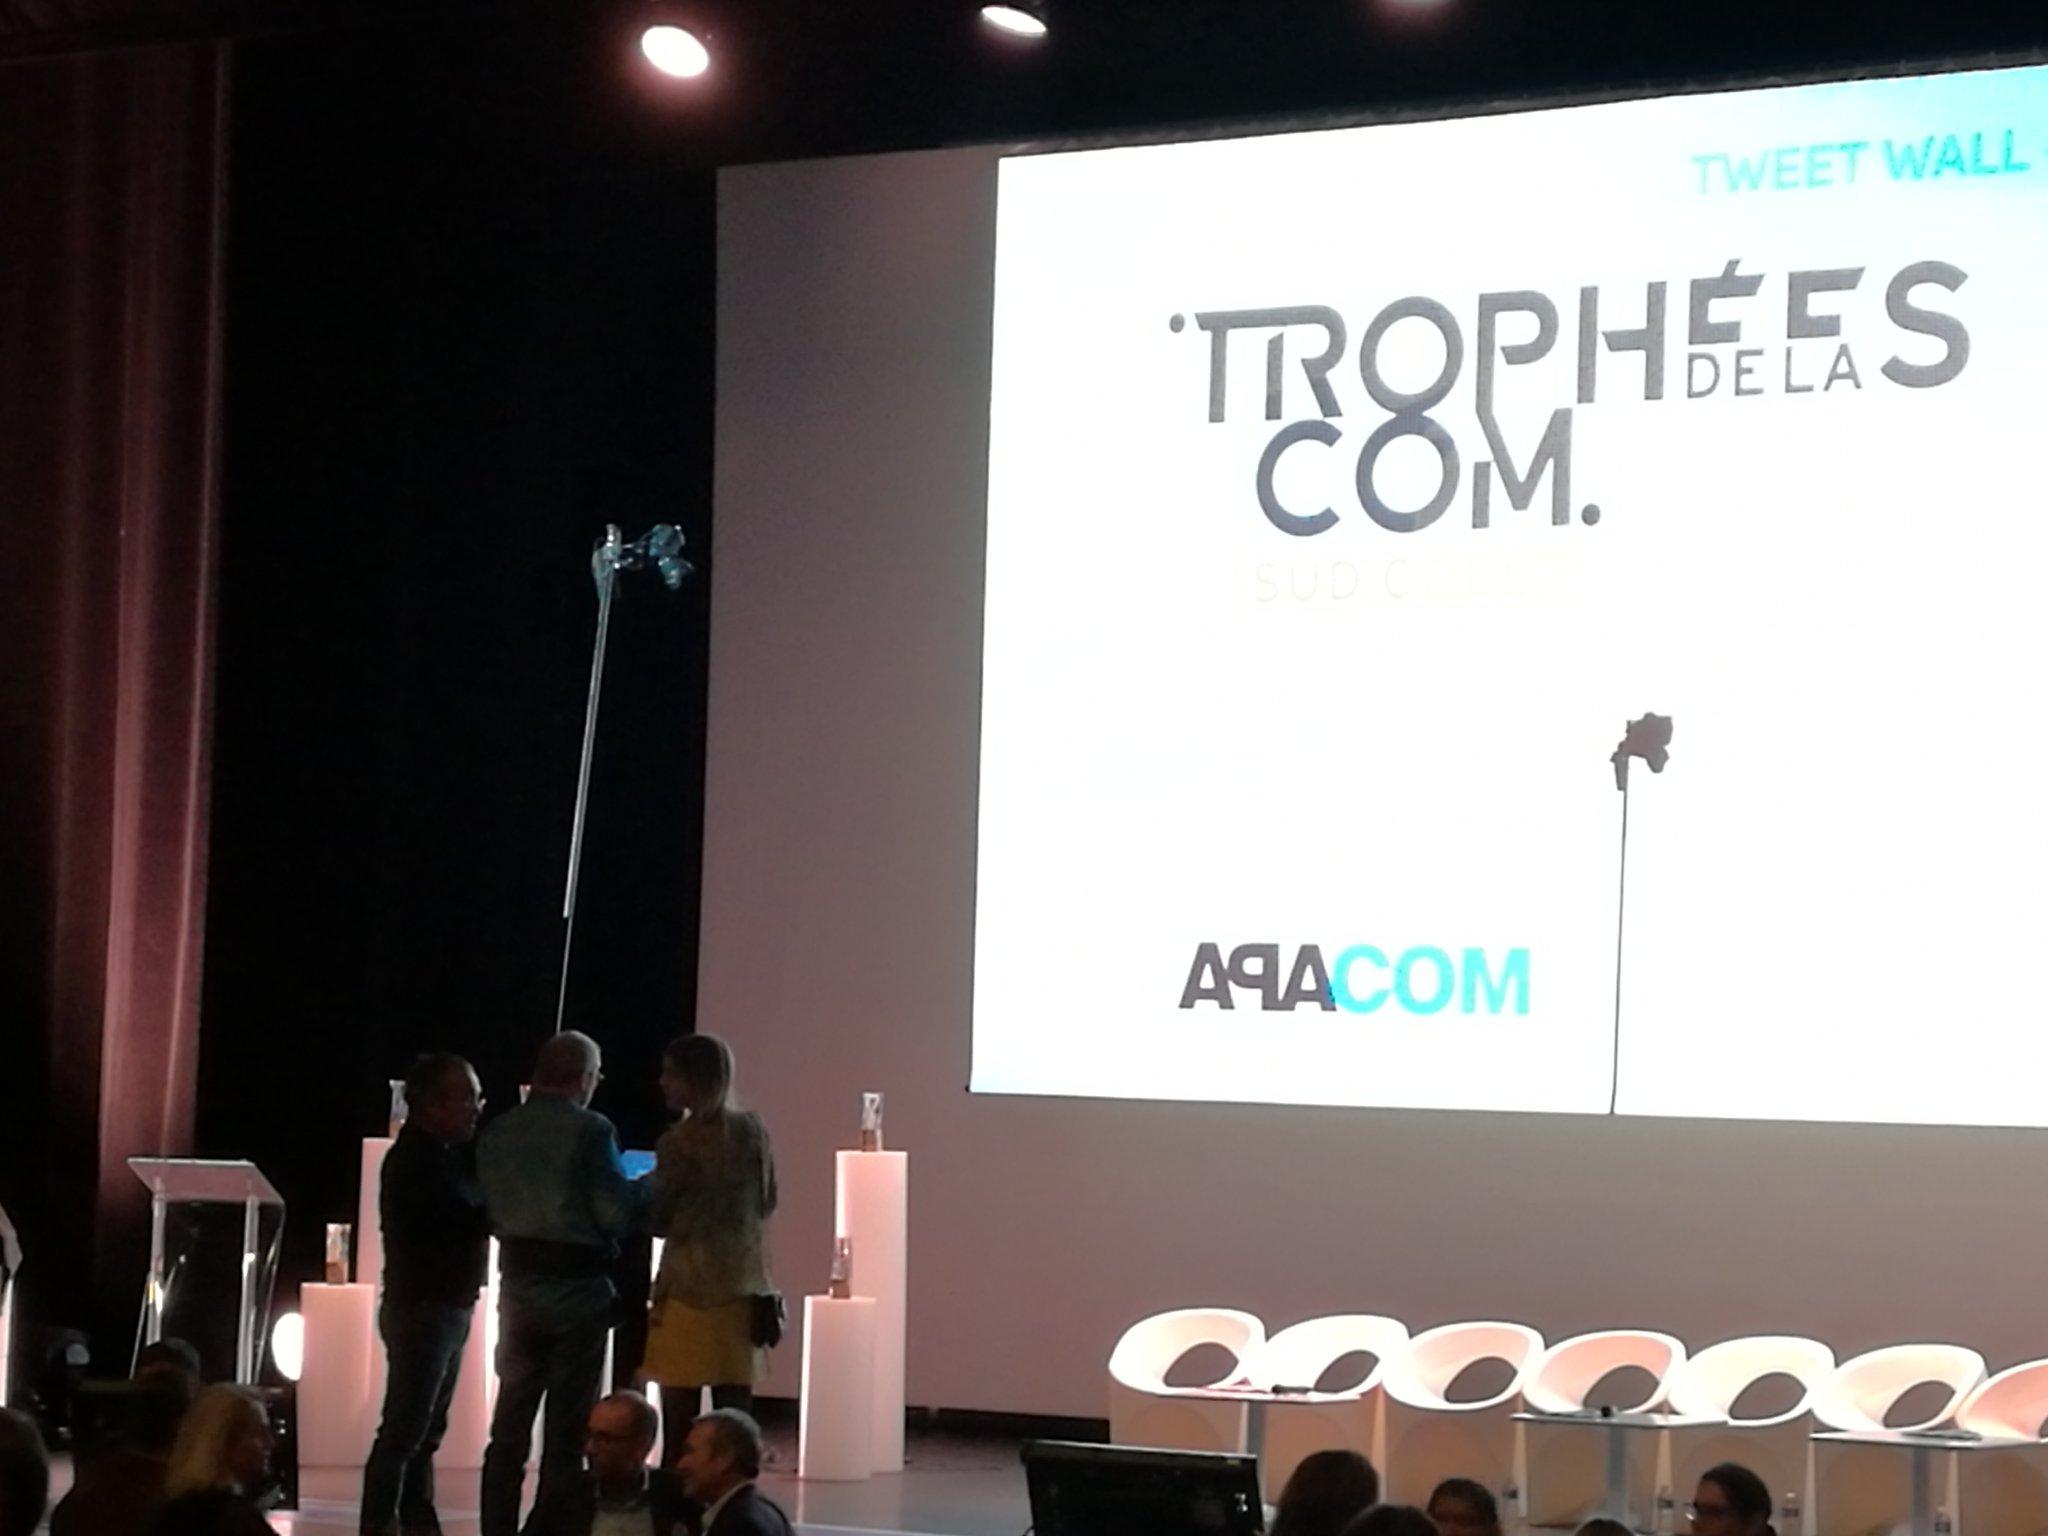 Ce soir c'est les #tropheescom.. avec déjà la plus badass des perches à selfies. https://t.co/U85iuuPwye